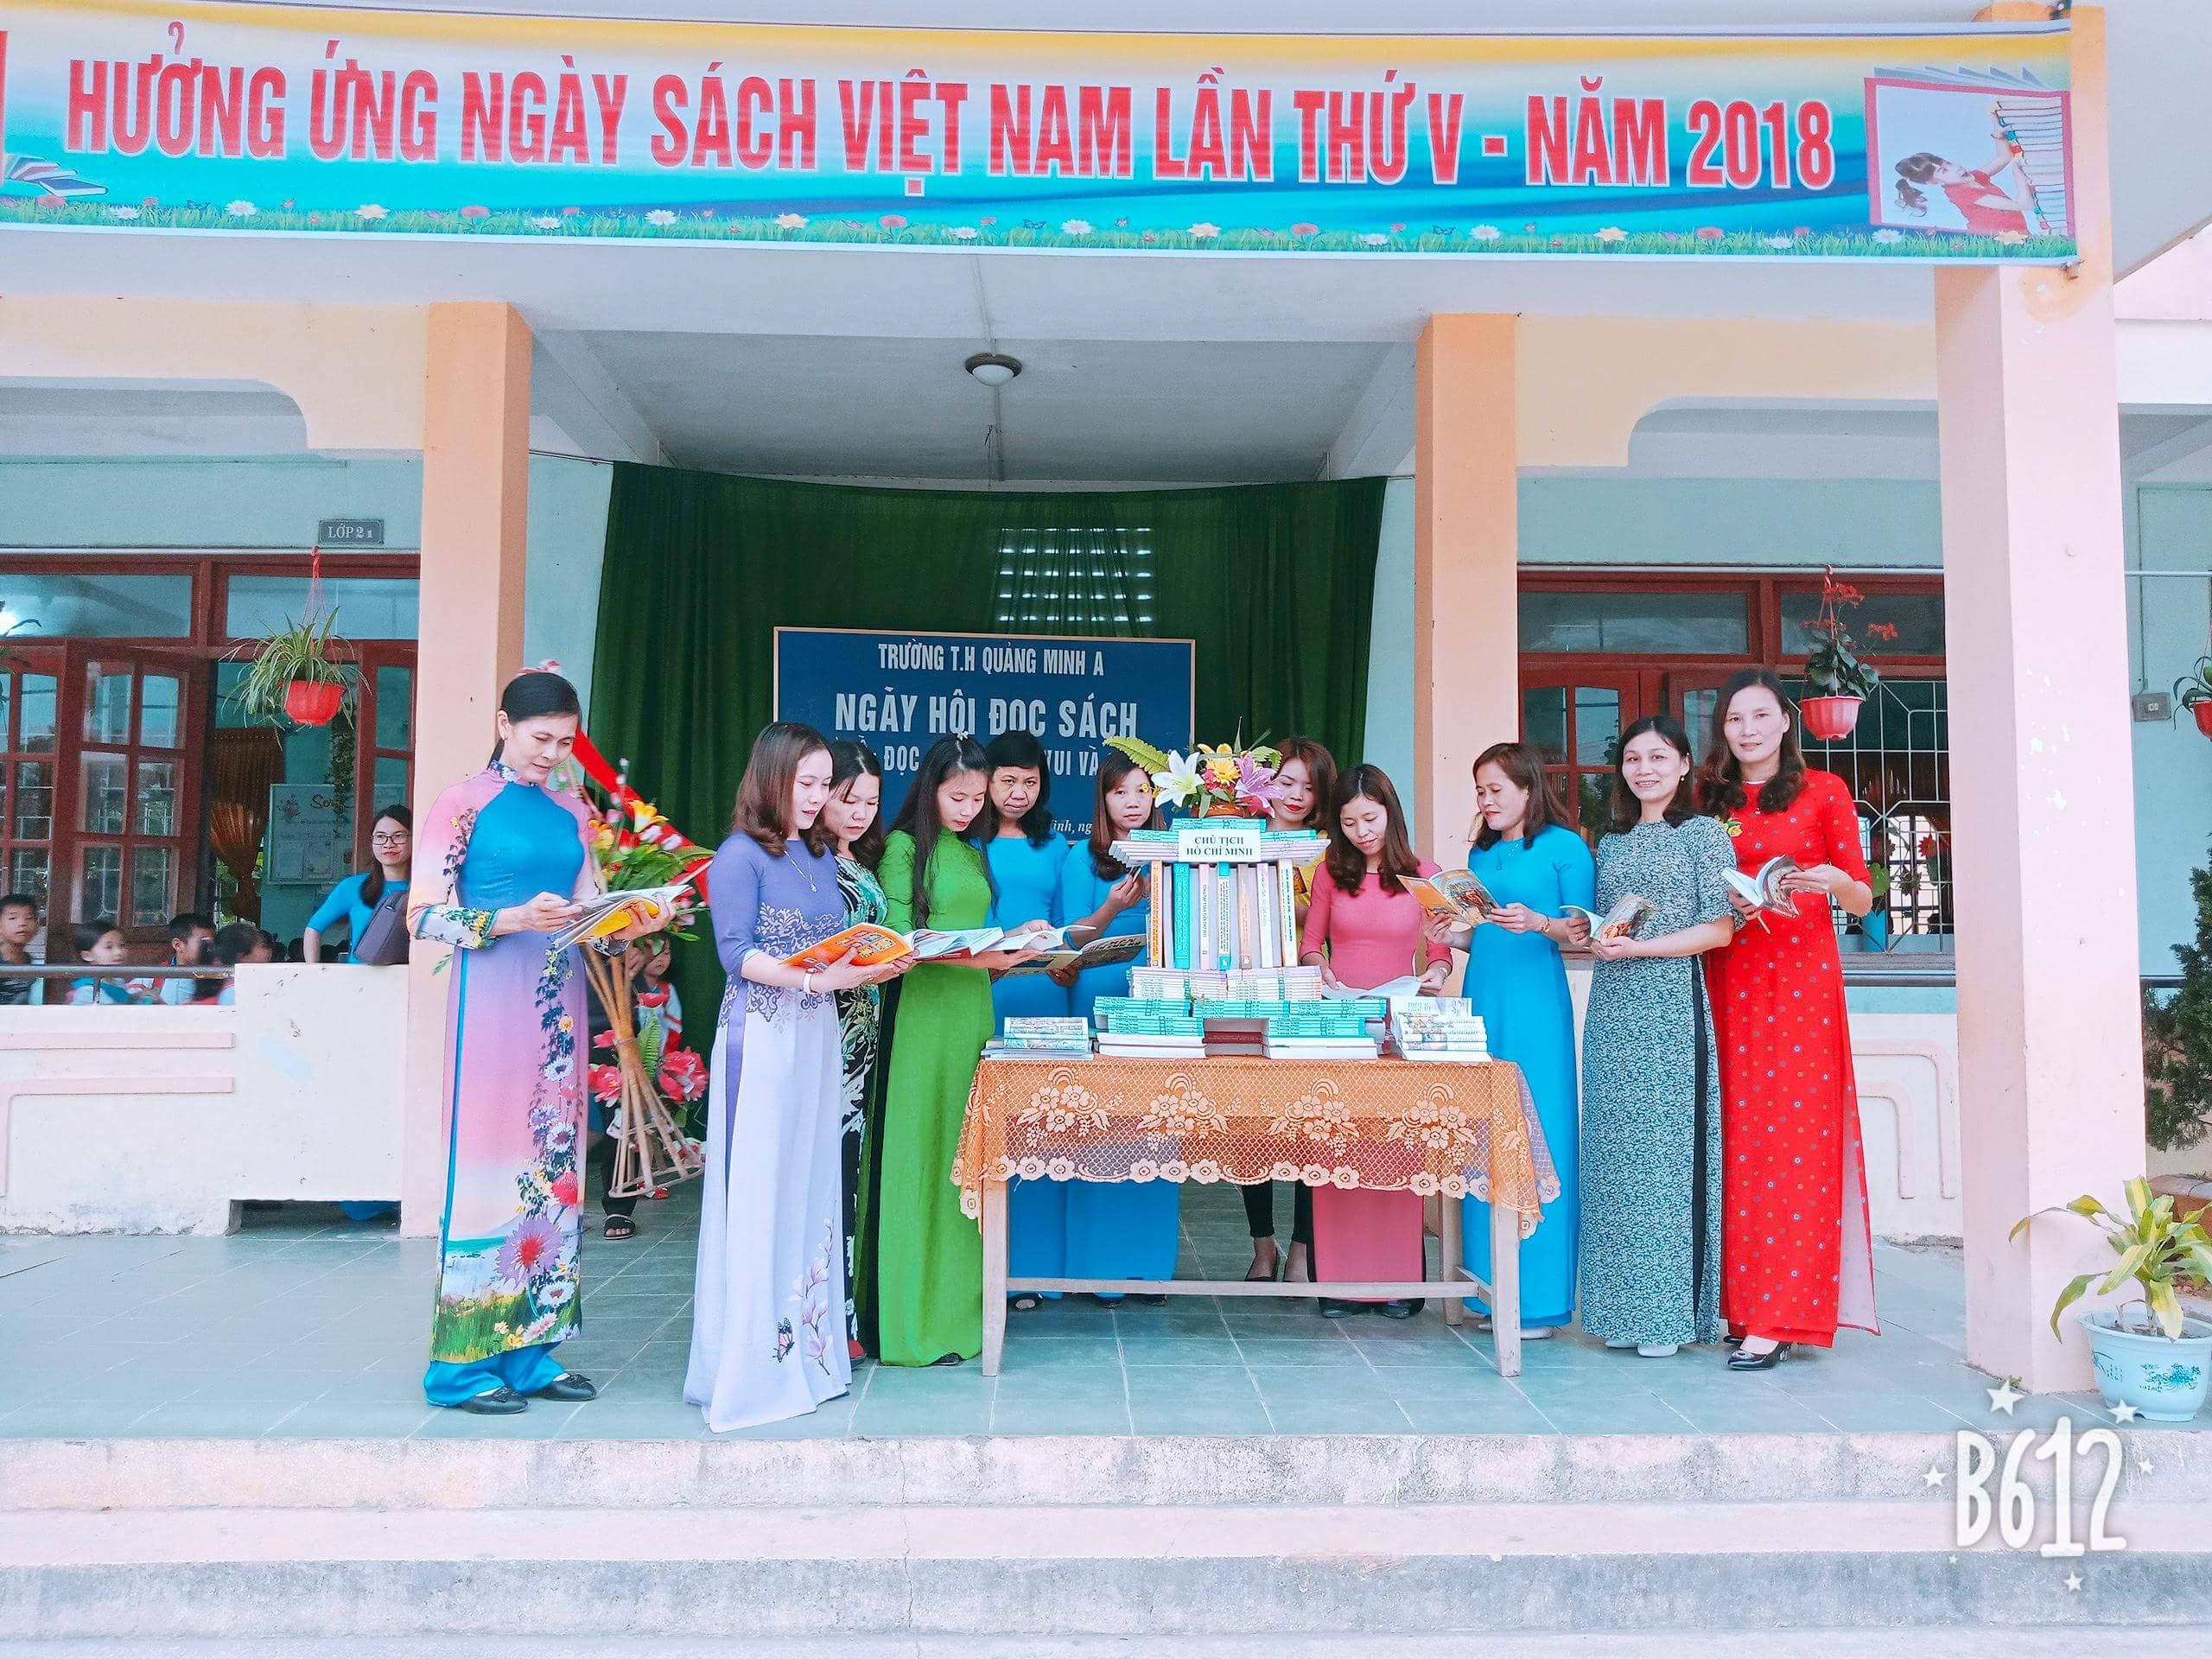 Ngày sách Việt Nam lần thứ V, năm 2018